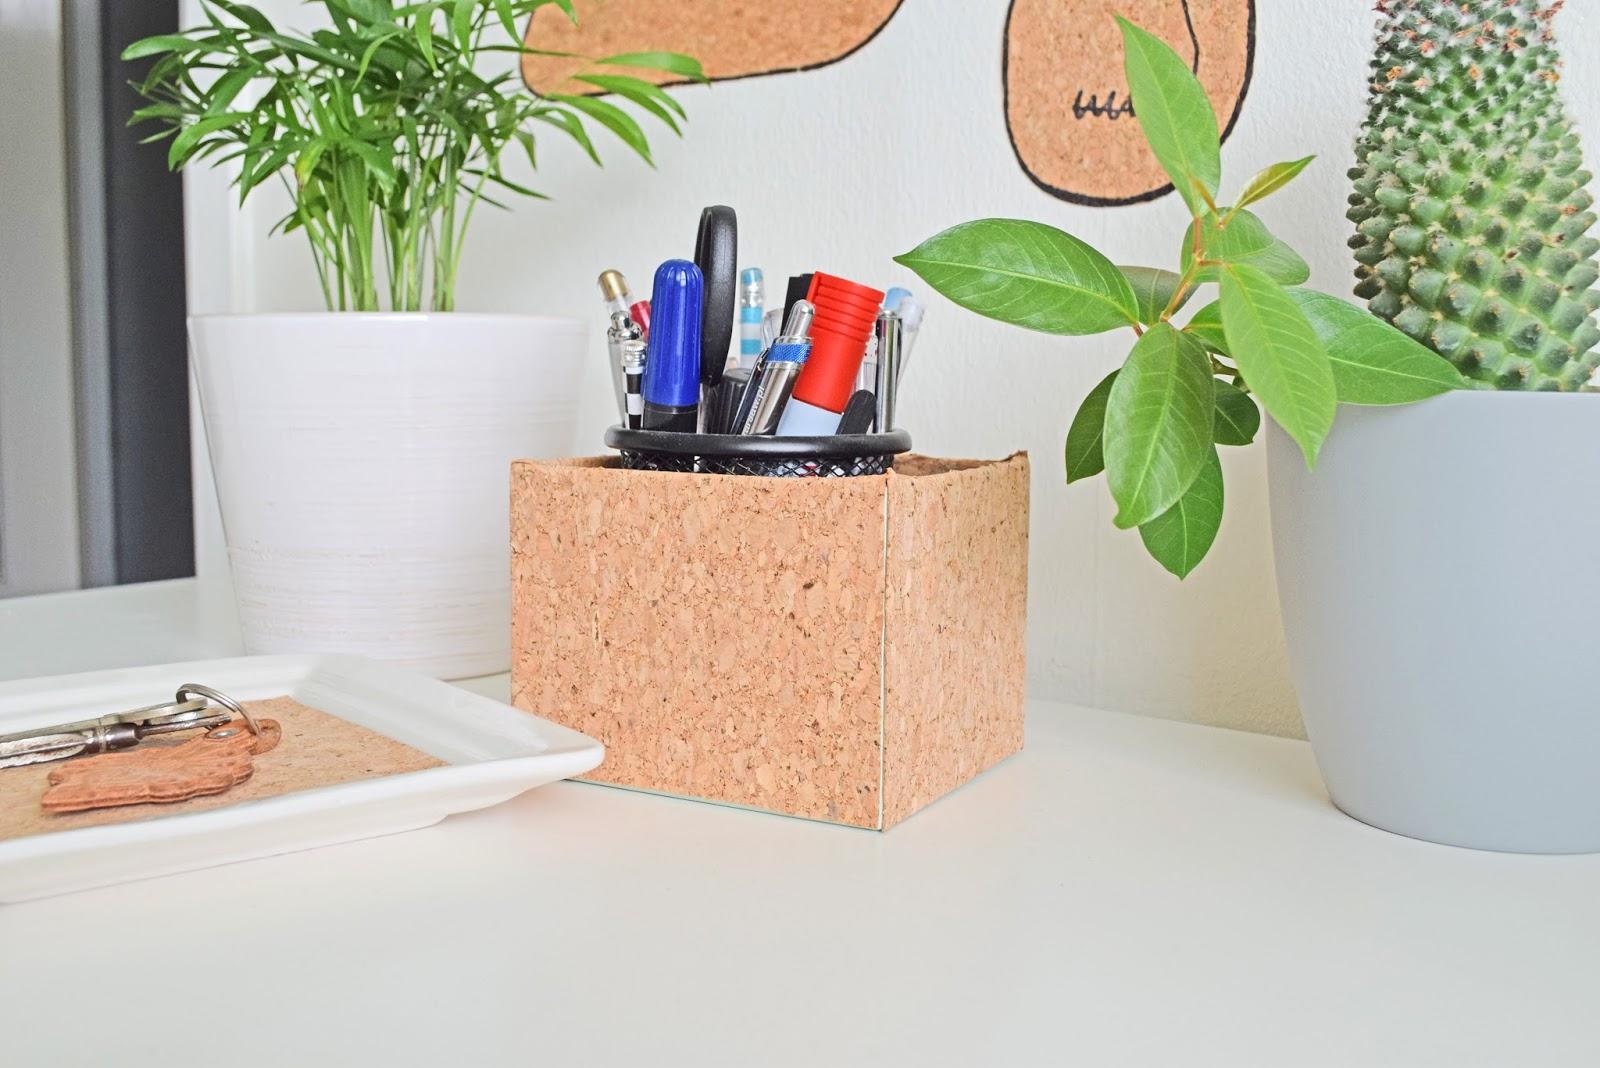 dekoracje diy na biurko